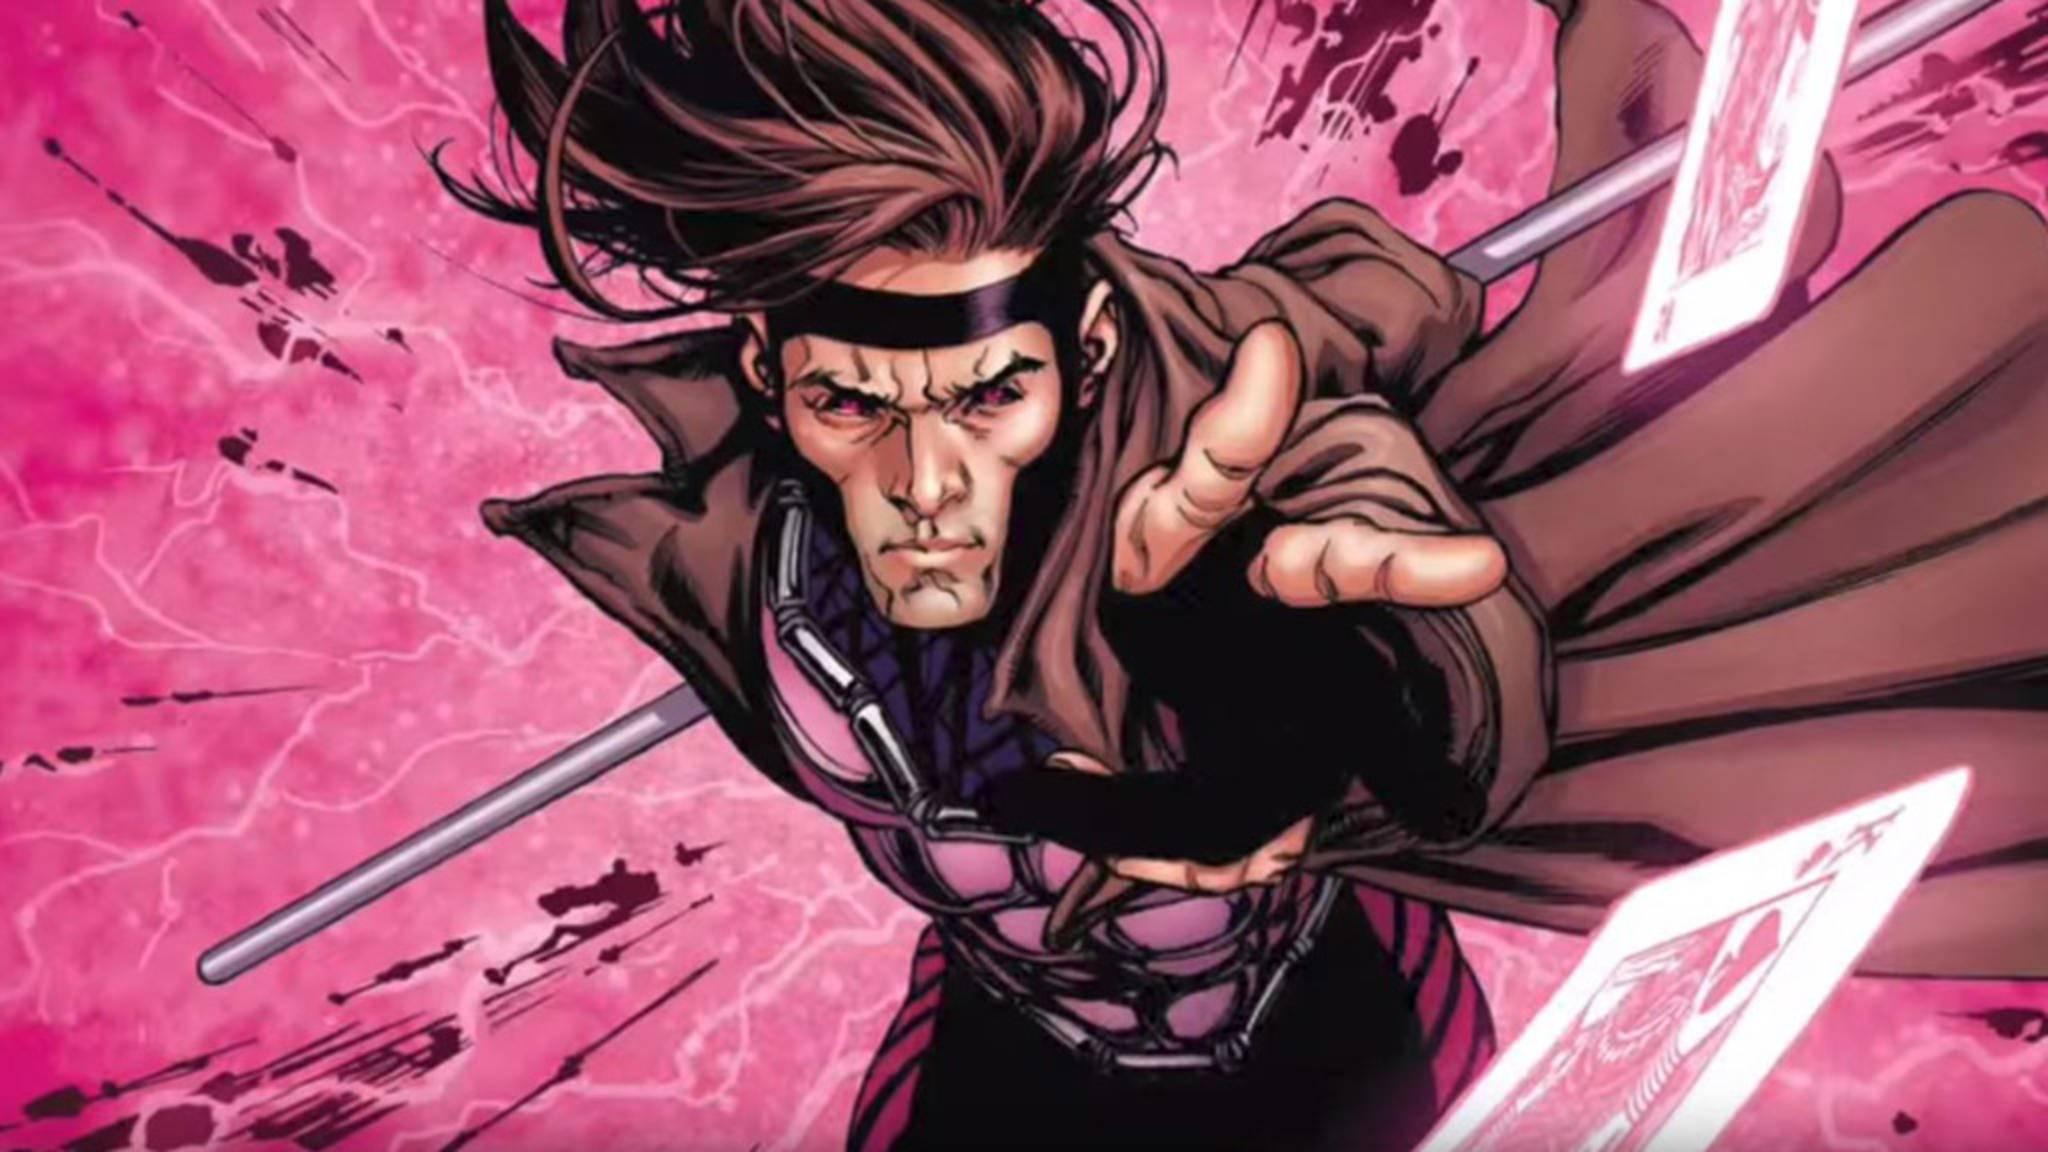 Gambit - Comic-Verfilmung mit Channing Tatum für 2019 angekündigt